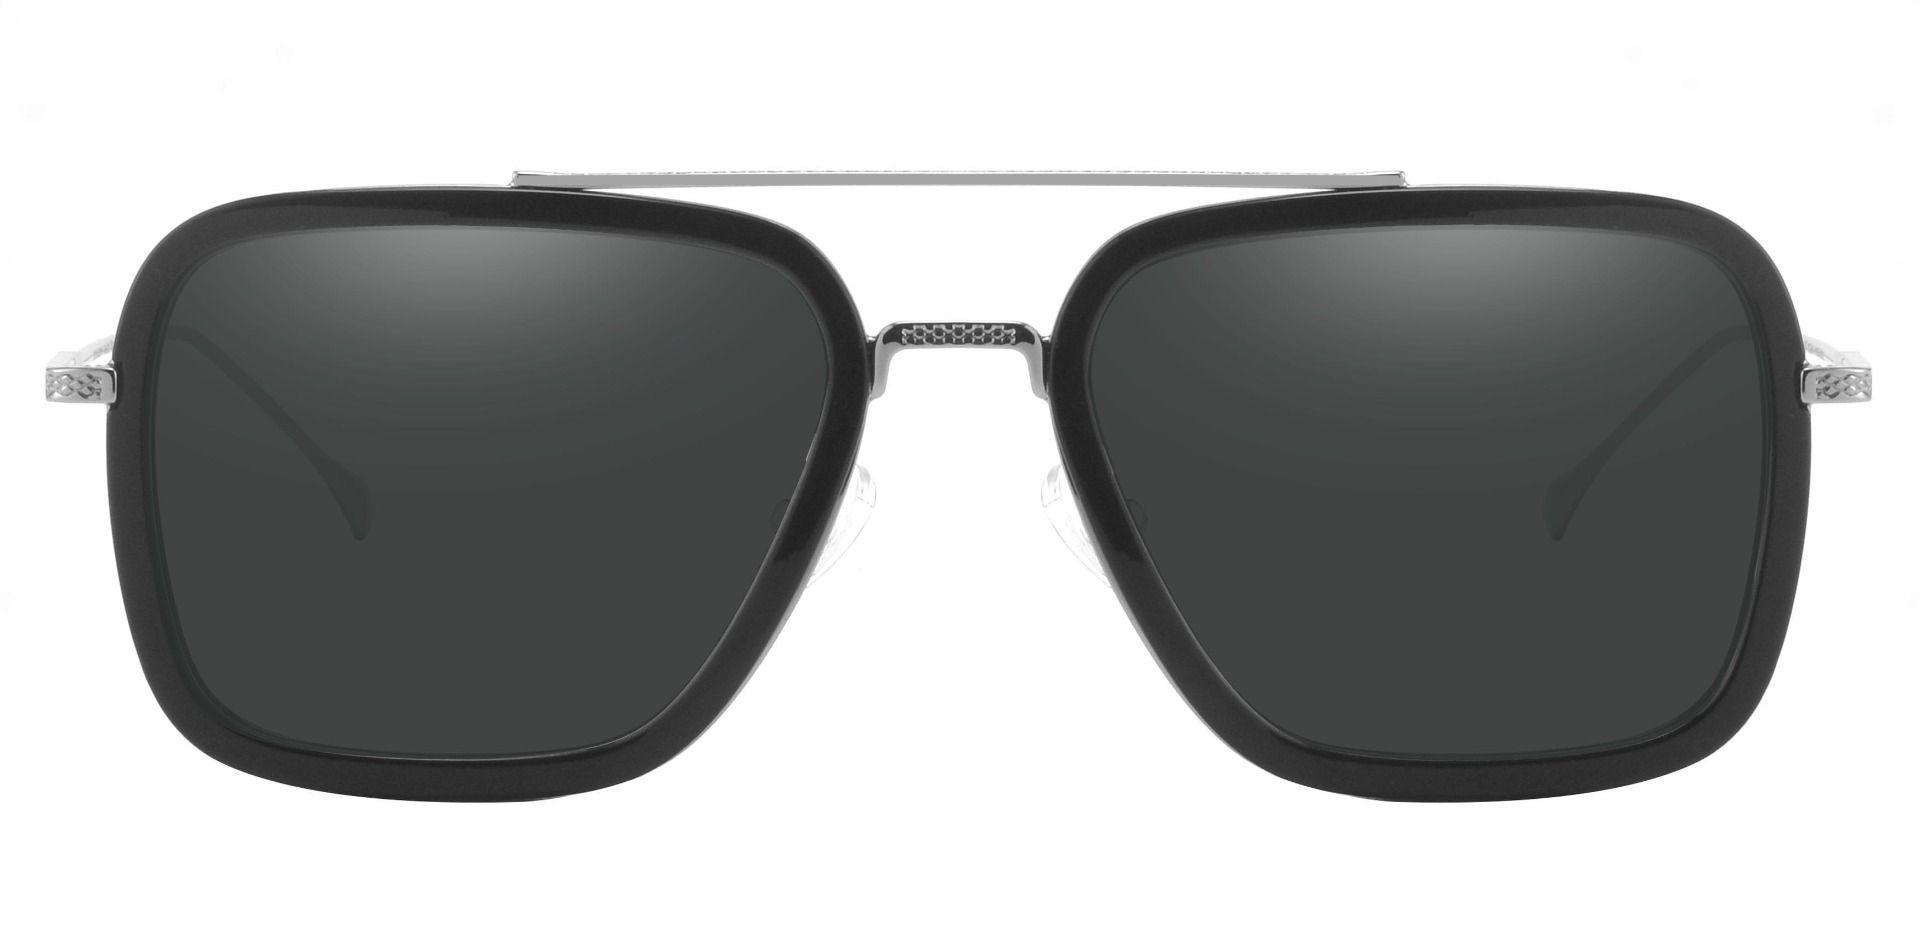 Cruz Aviator Lined Bifocal Sunglasses - Black Frame With Gray Lenses